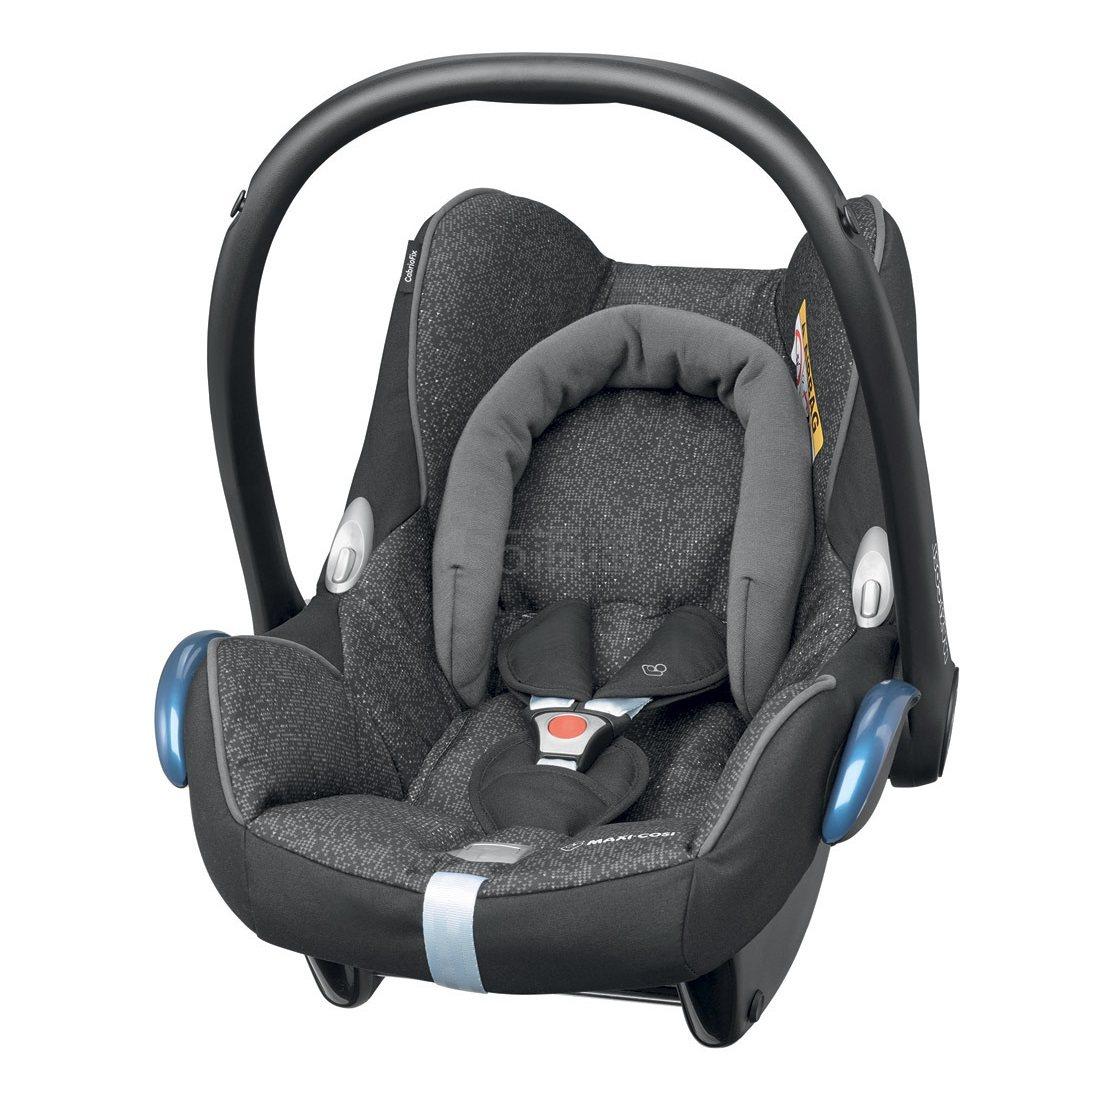 Maxi-Cosi 迈可适米洛斯 Cabriofix 婴儿提篮式安全座椅